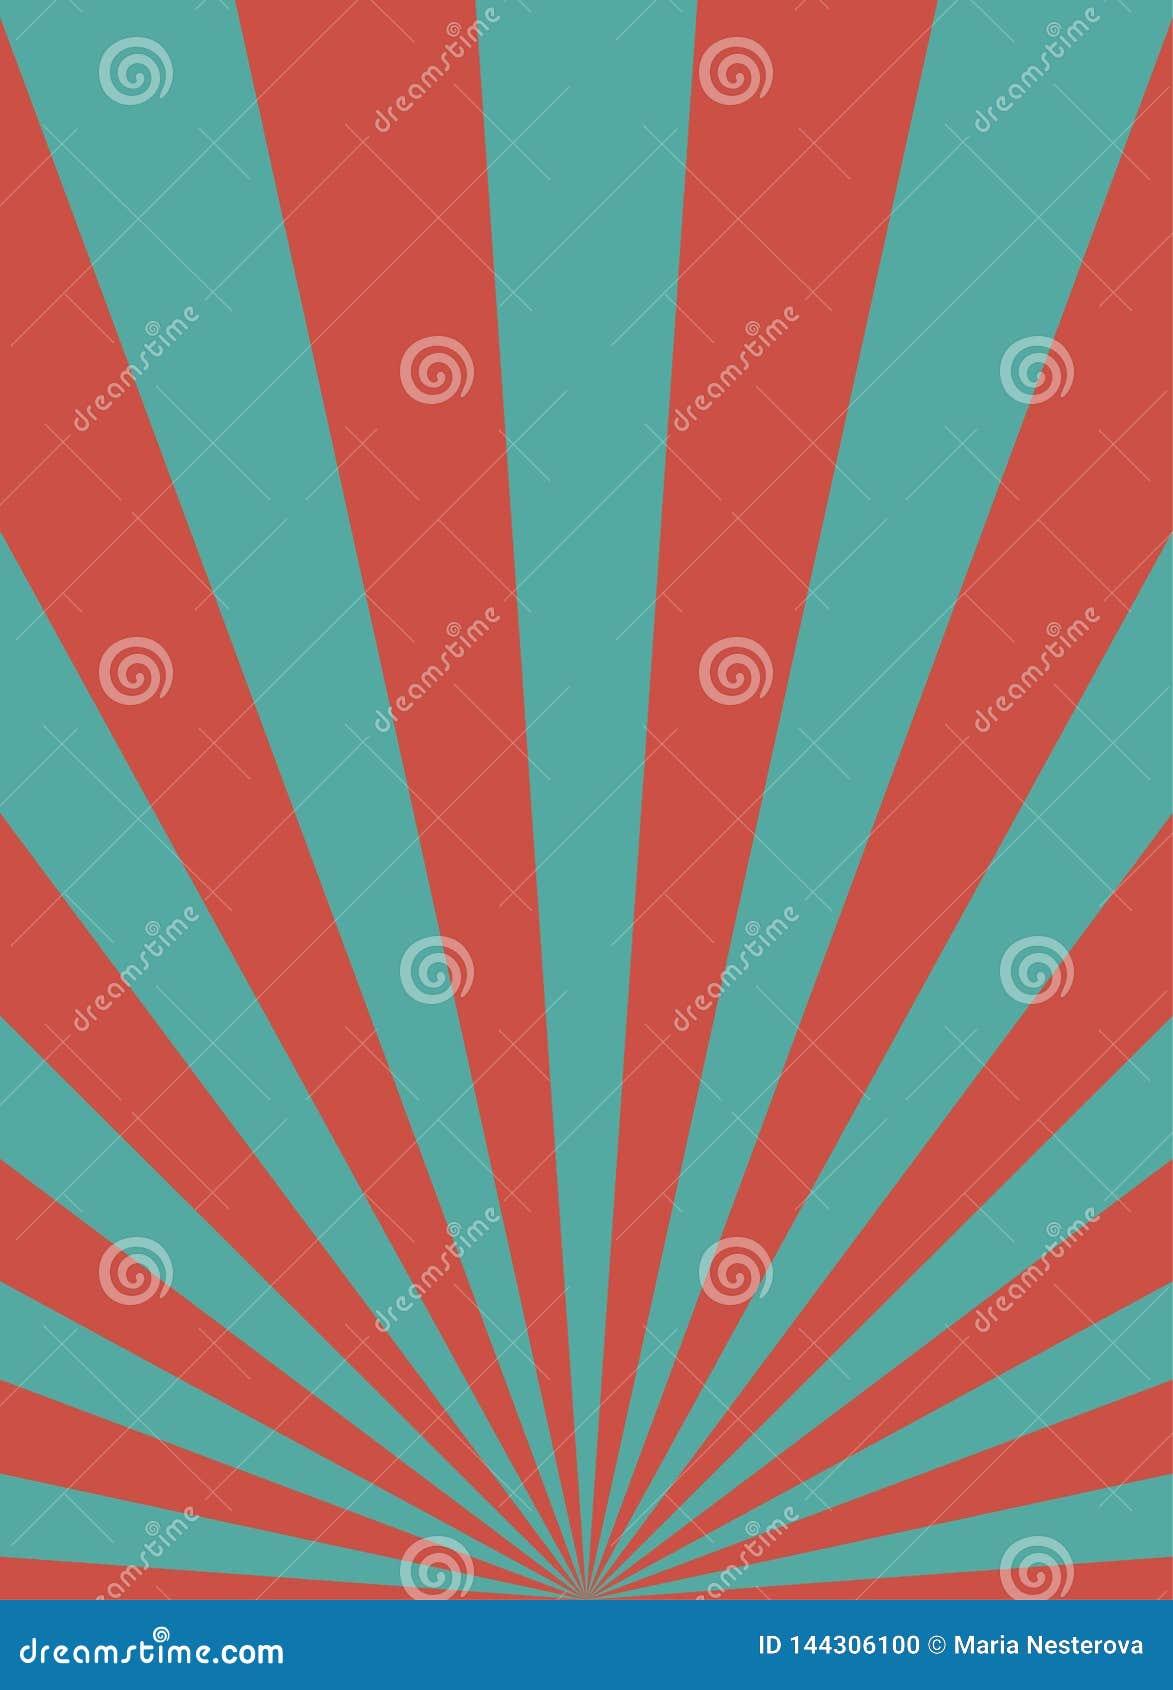 Αναδρομικό στενό κάθετο υπόβαθρο φωτός του ήλιου Χλωμό κόκκινο, μπλε υπόβαθρο έκρηξης χρώματος